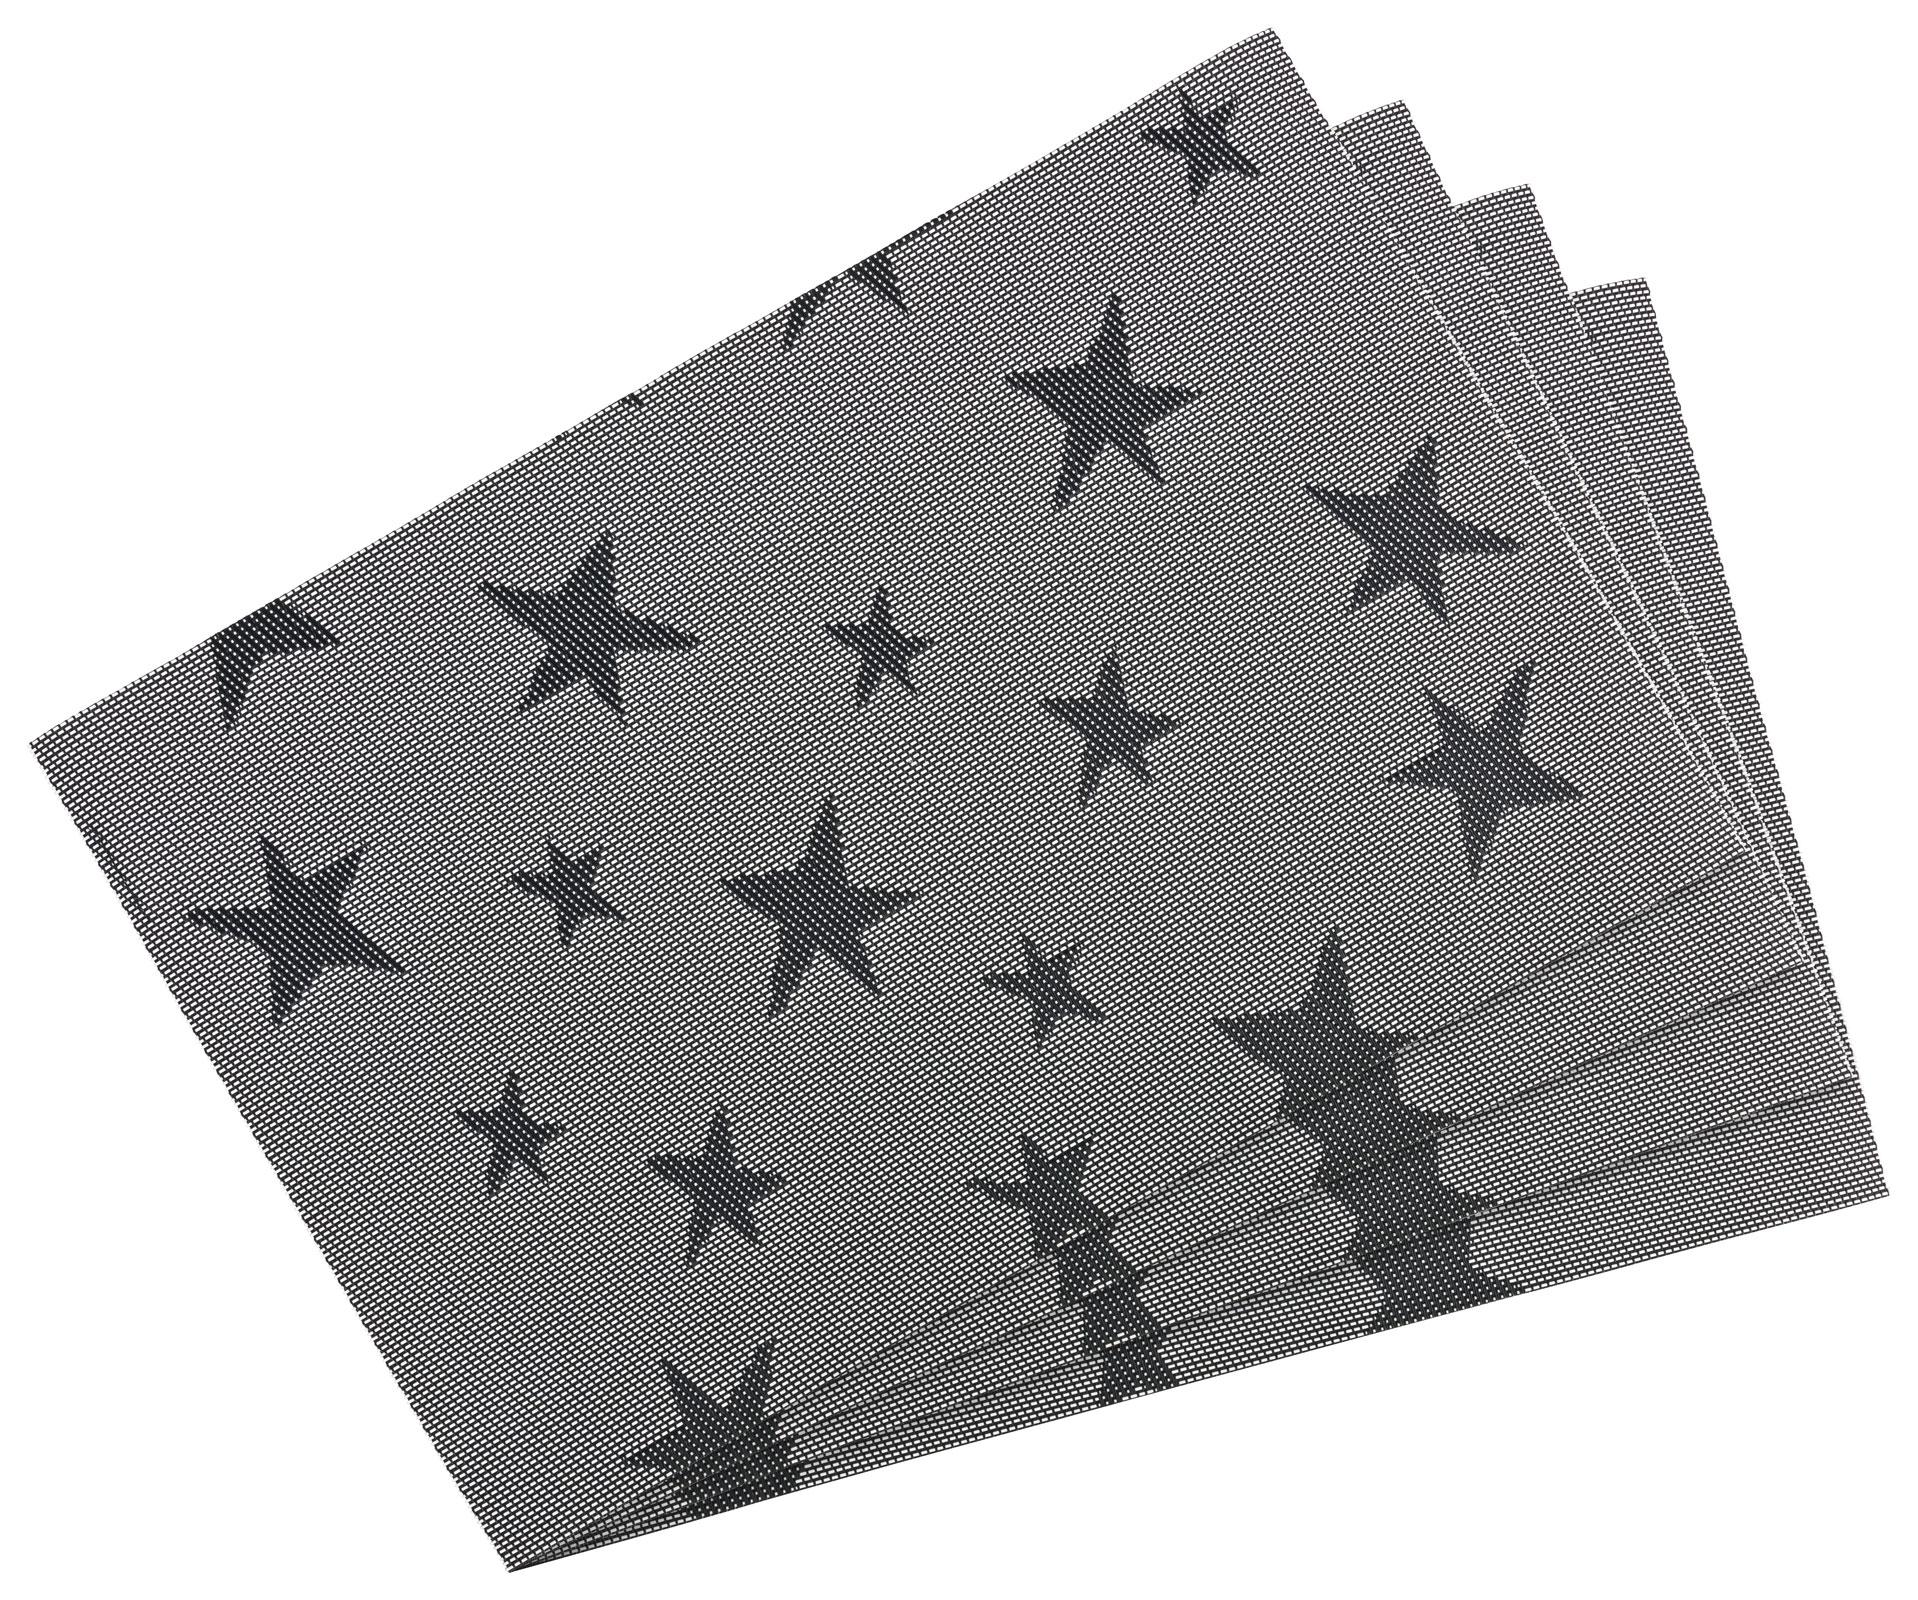 Küchentextilien - 4er Pack Platzset Tischset 30x45cm waschbar und hitzebeständig Sterne dunkelgrau  - Onlineshop PremiumShop321